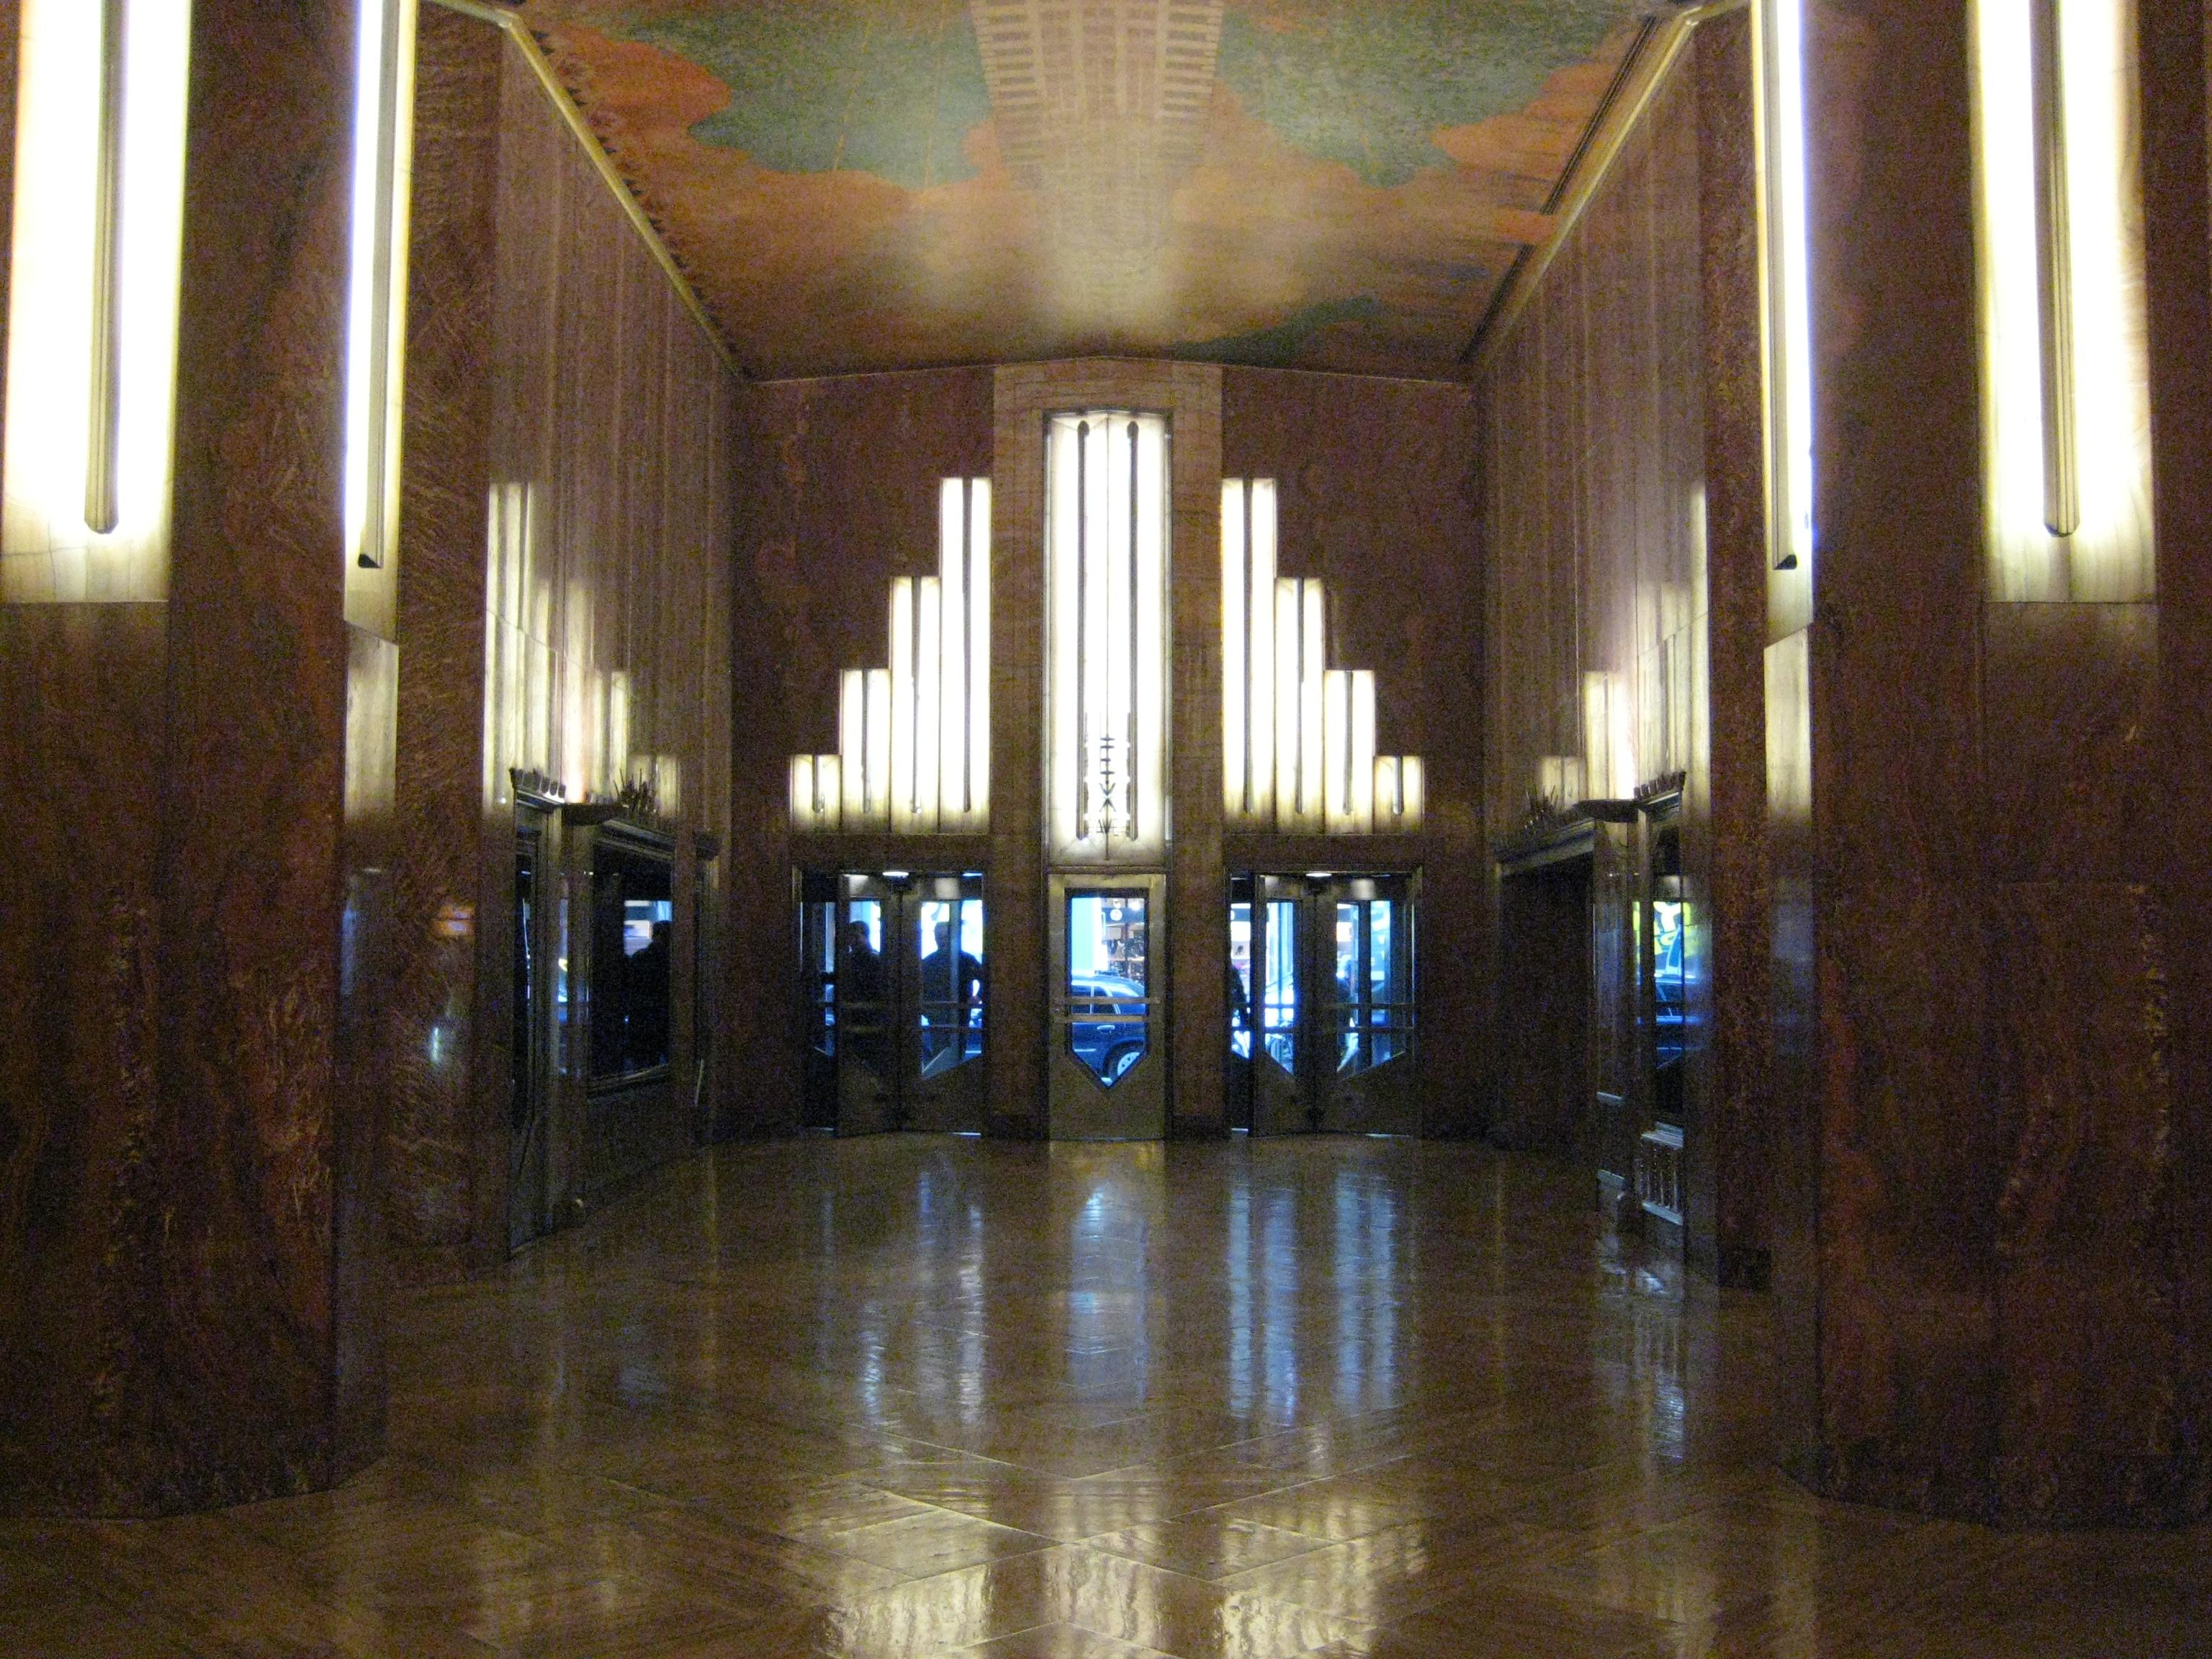 Chrysler Building Wikipedia: File:Chrysler Building (2111719220).jpg